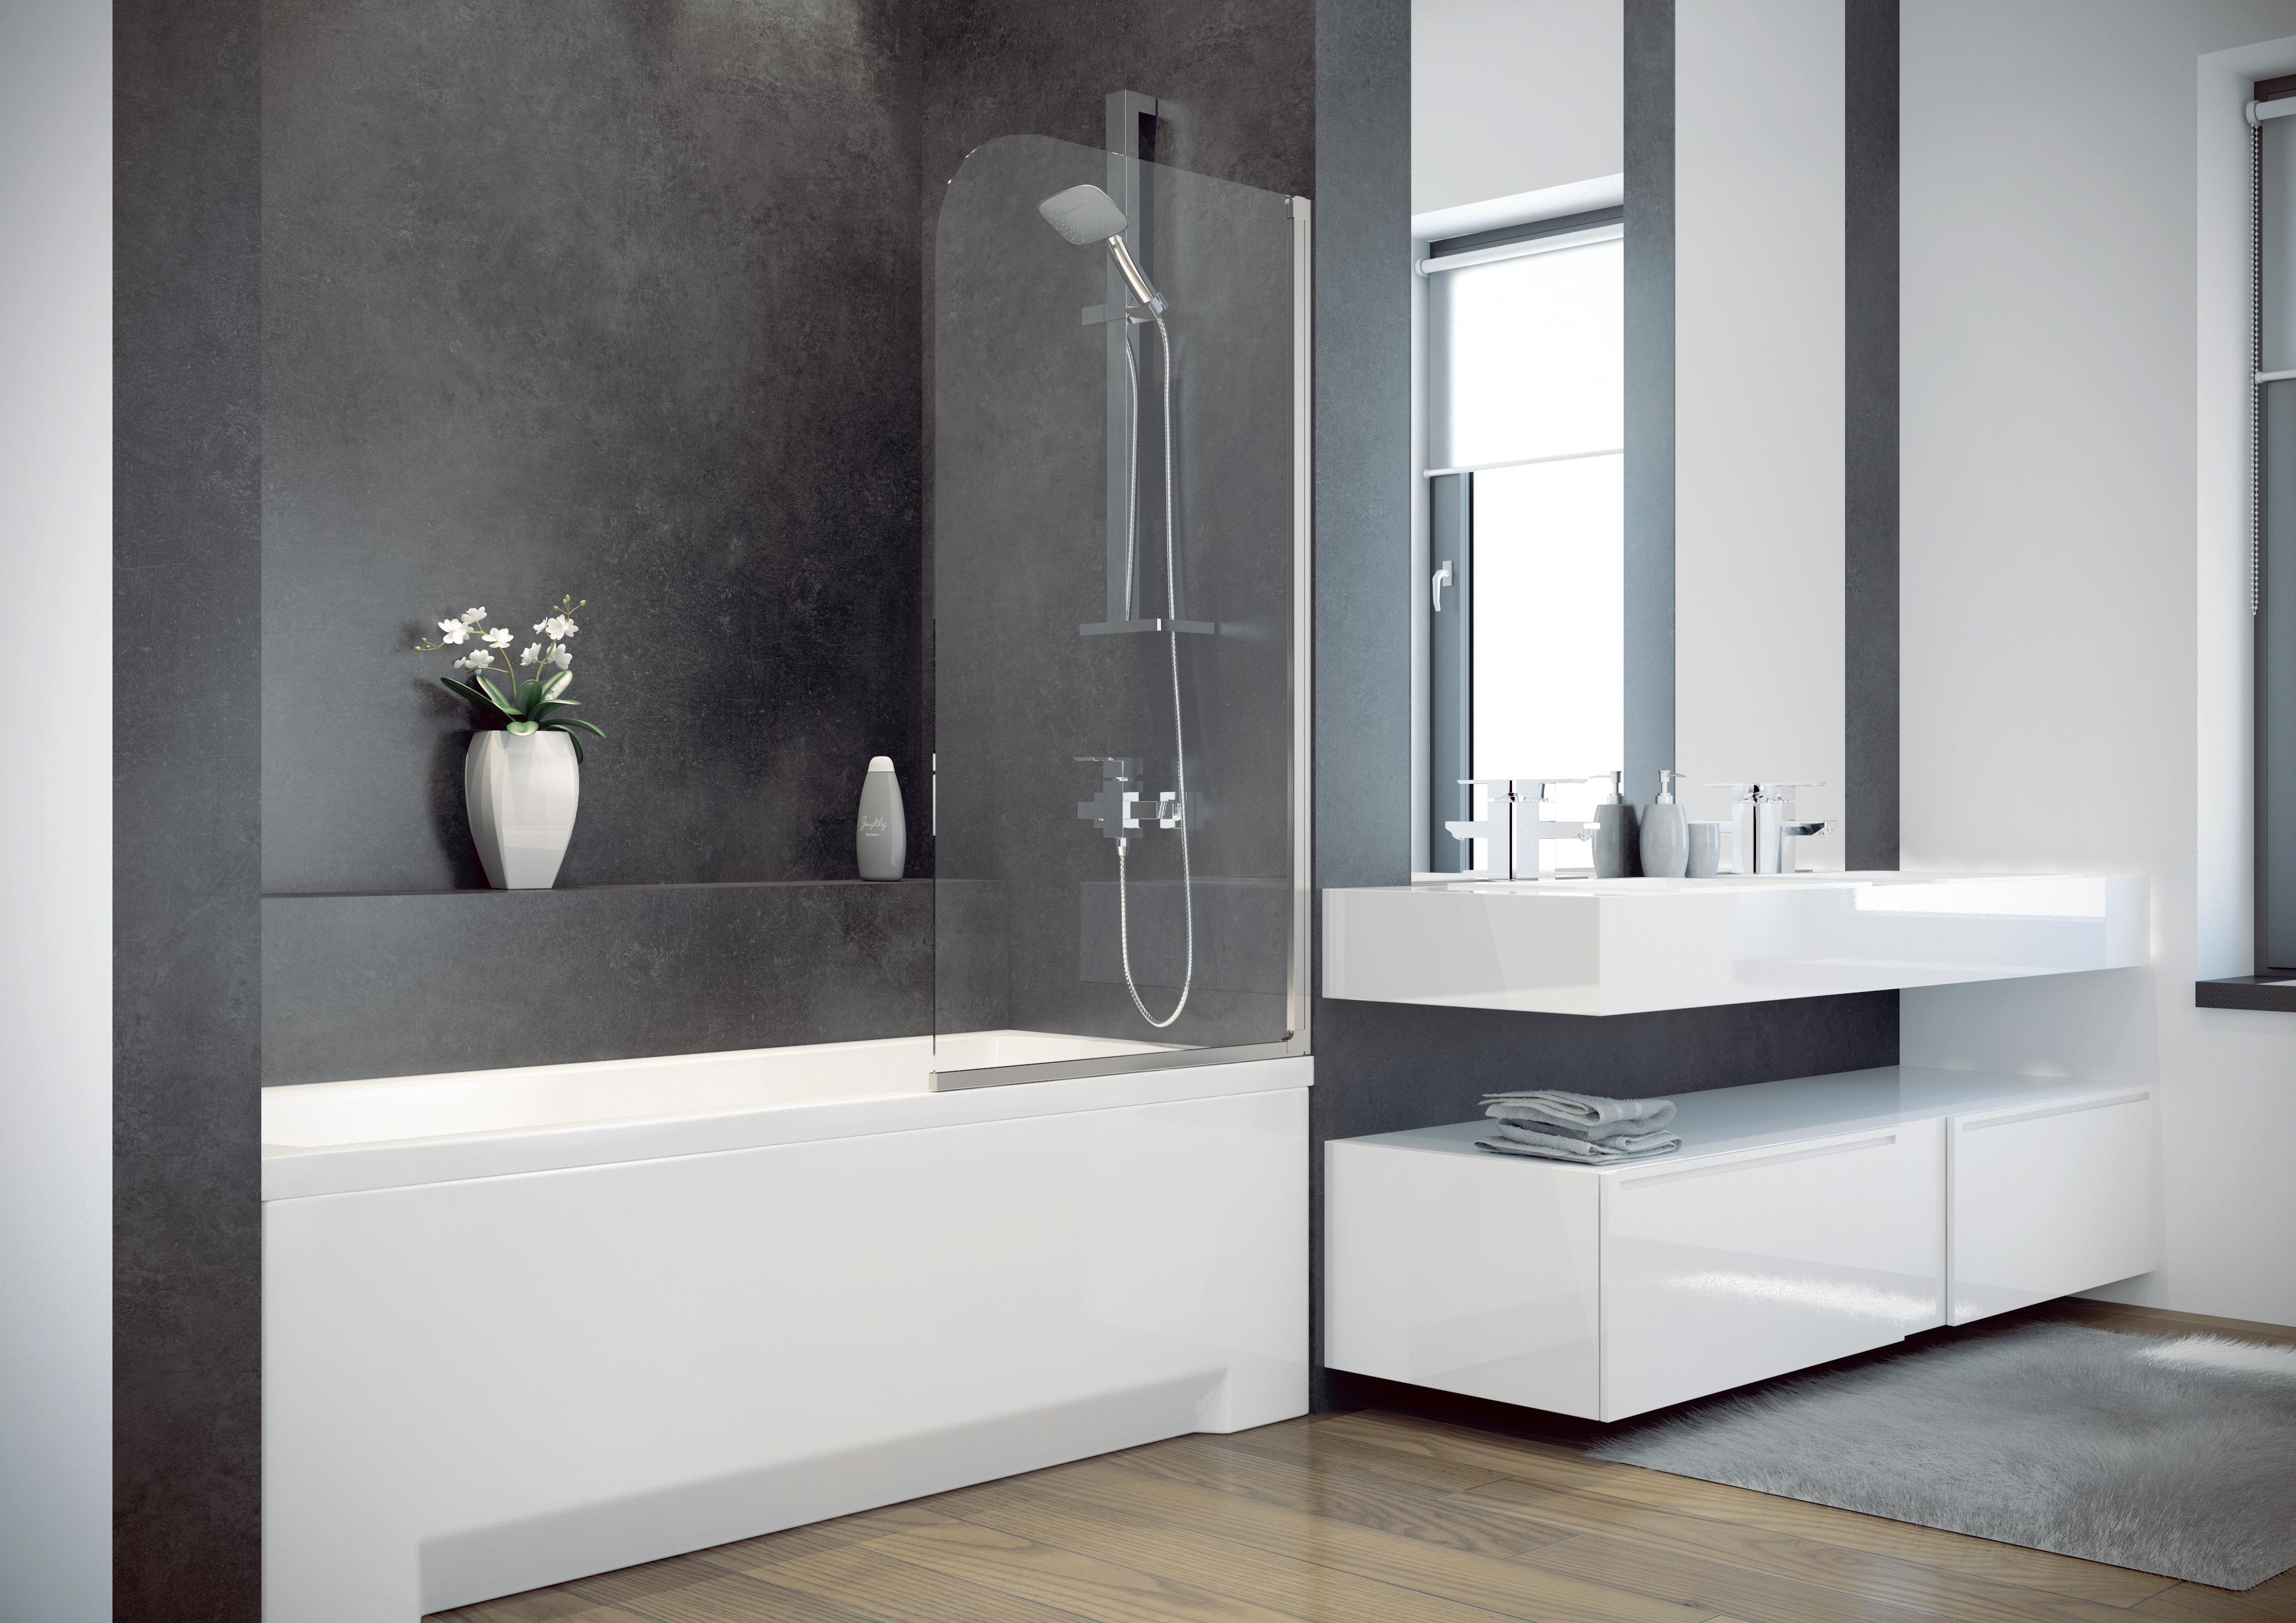 badewanne wanne rechteck 130 x 70 cm sch rze glas abtrennung duschabtrennung ebay. Black Bedroom Furniture Sets. Home Design Ideas